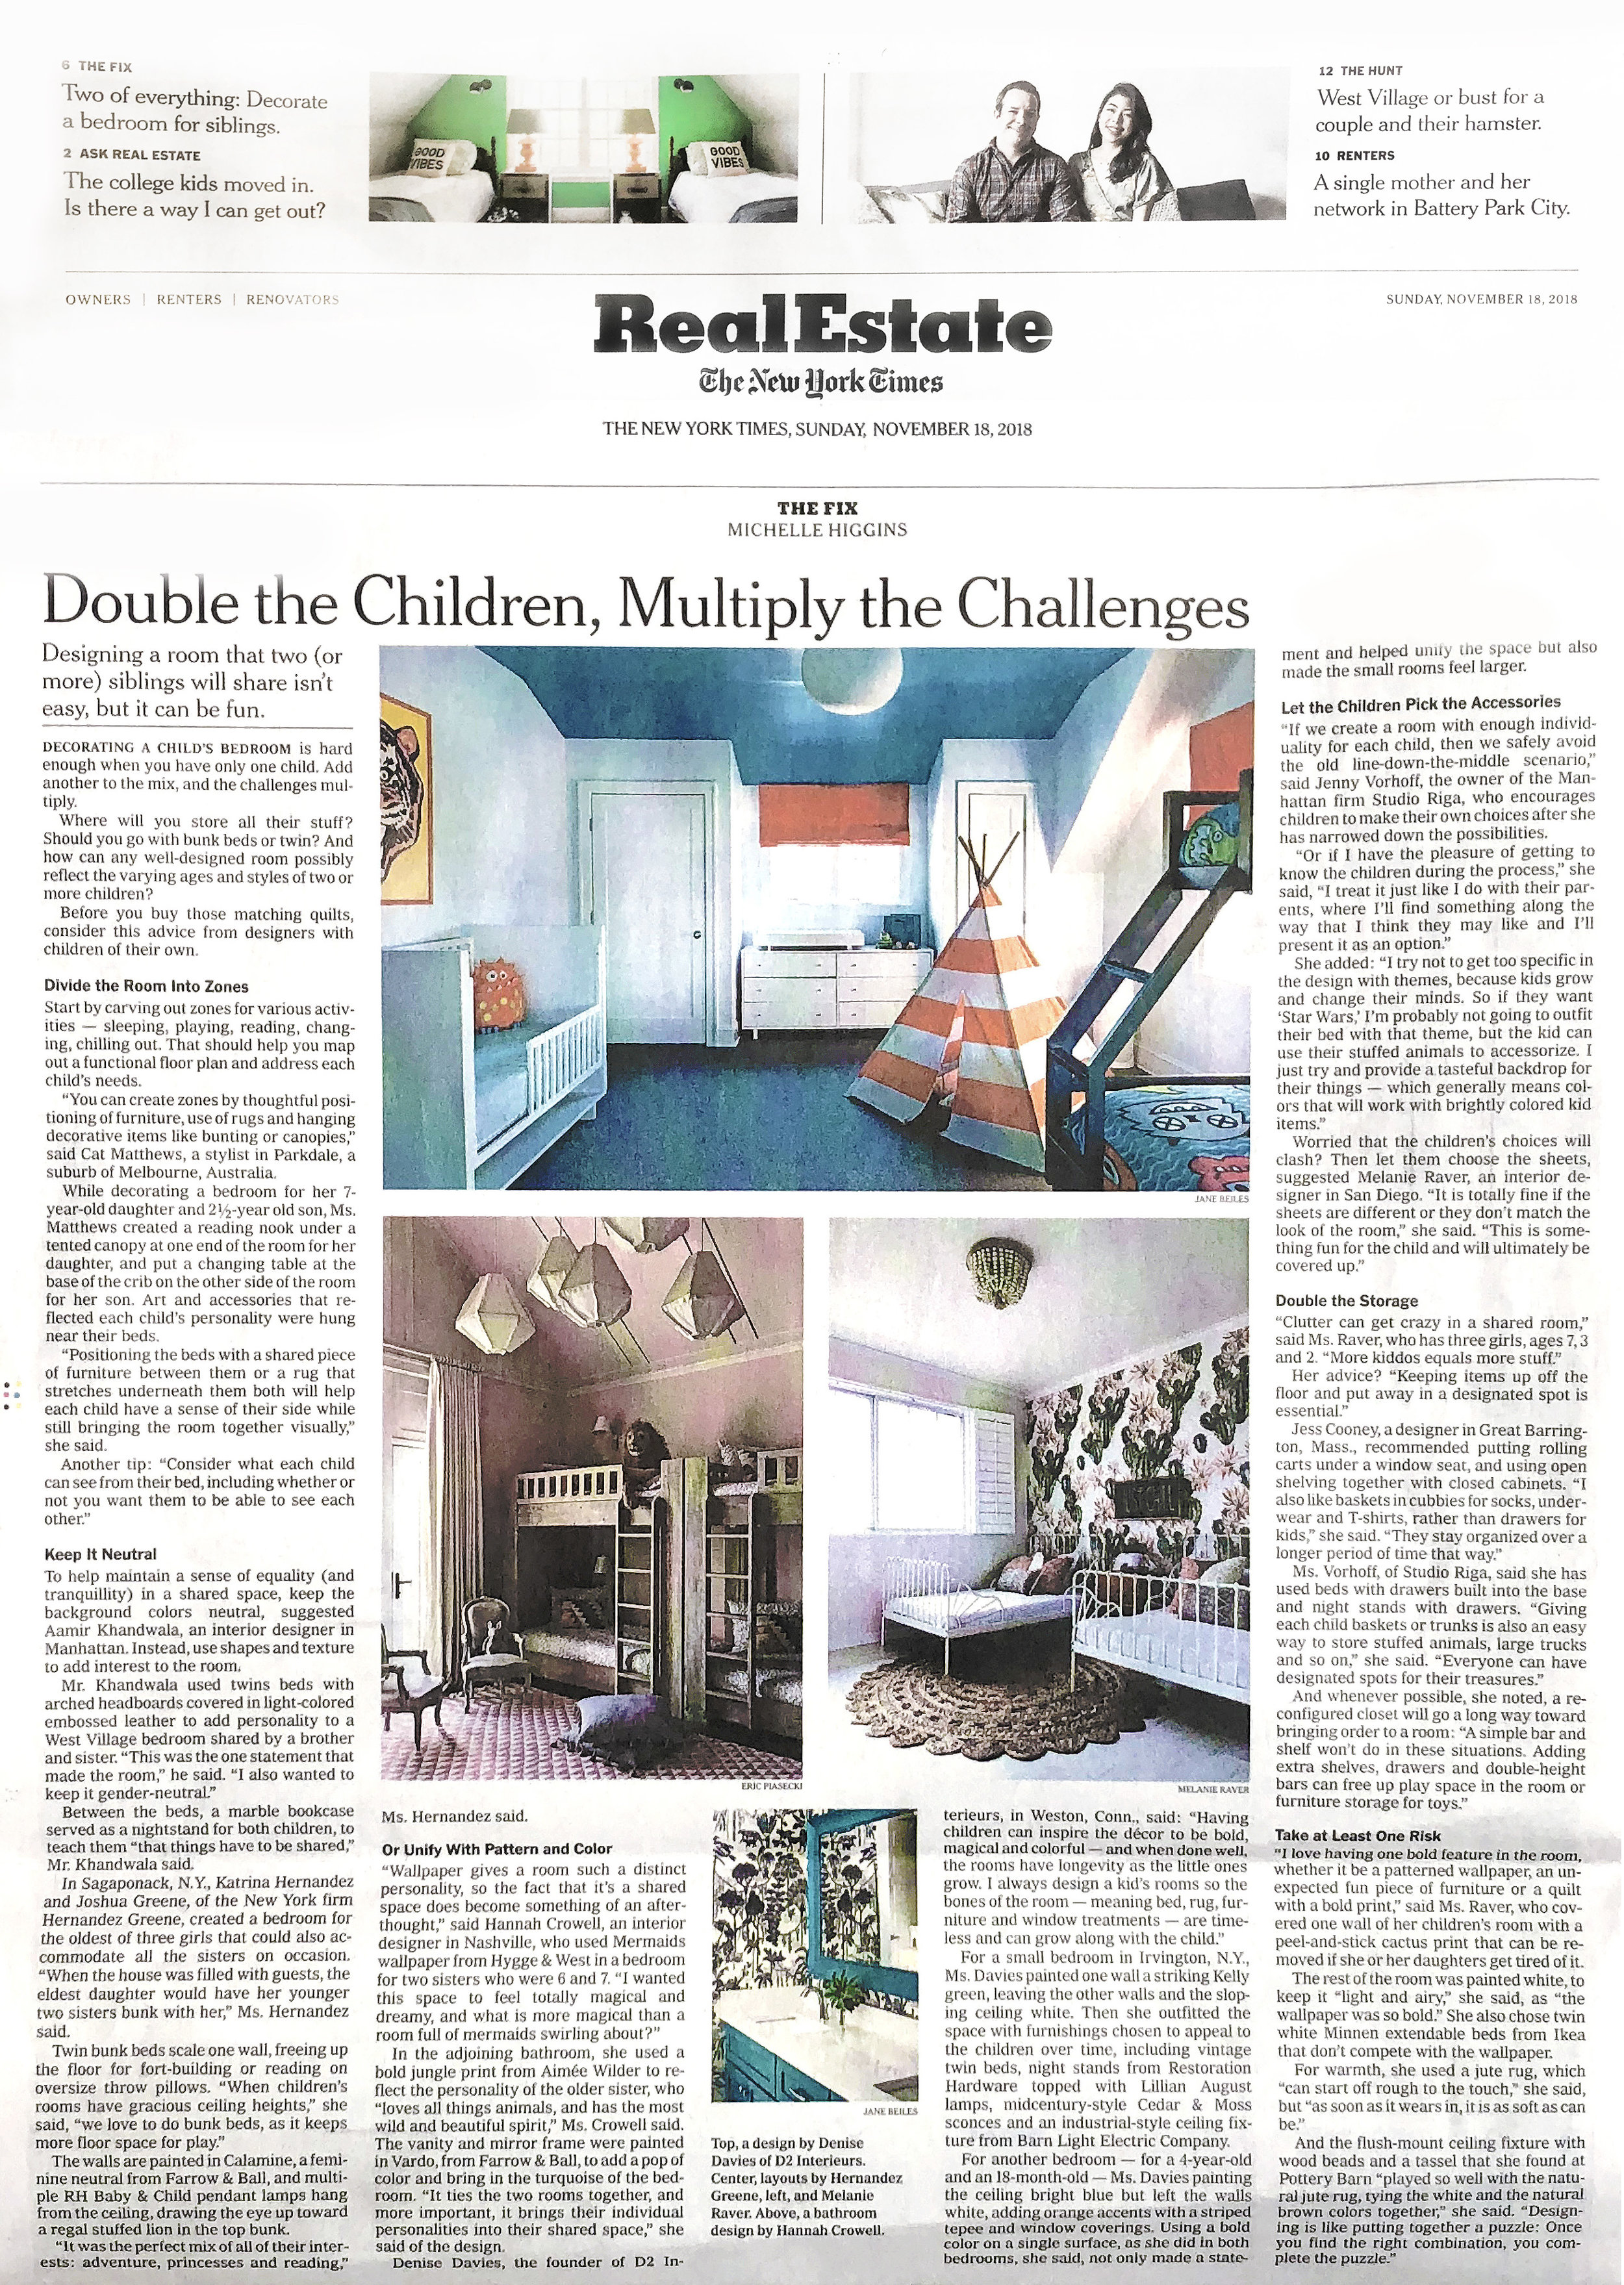 NY TIMES PRINT copy.jpg